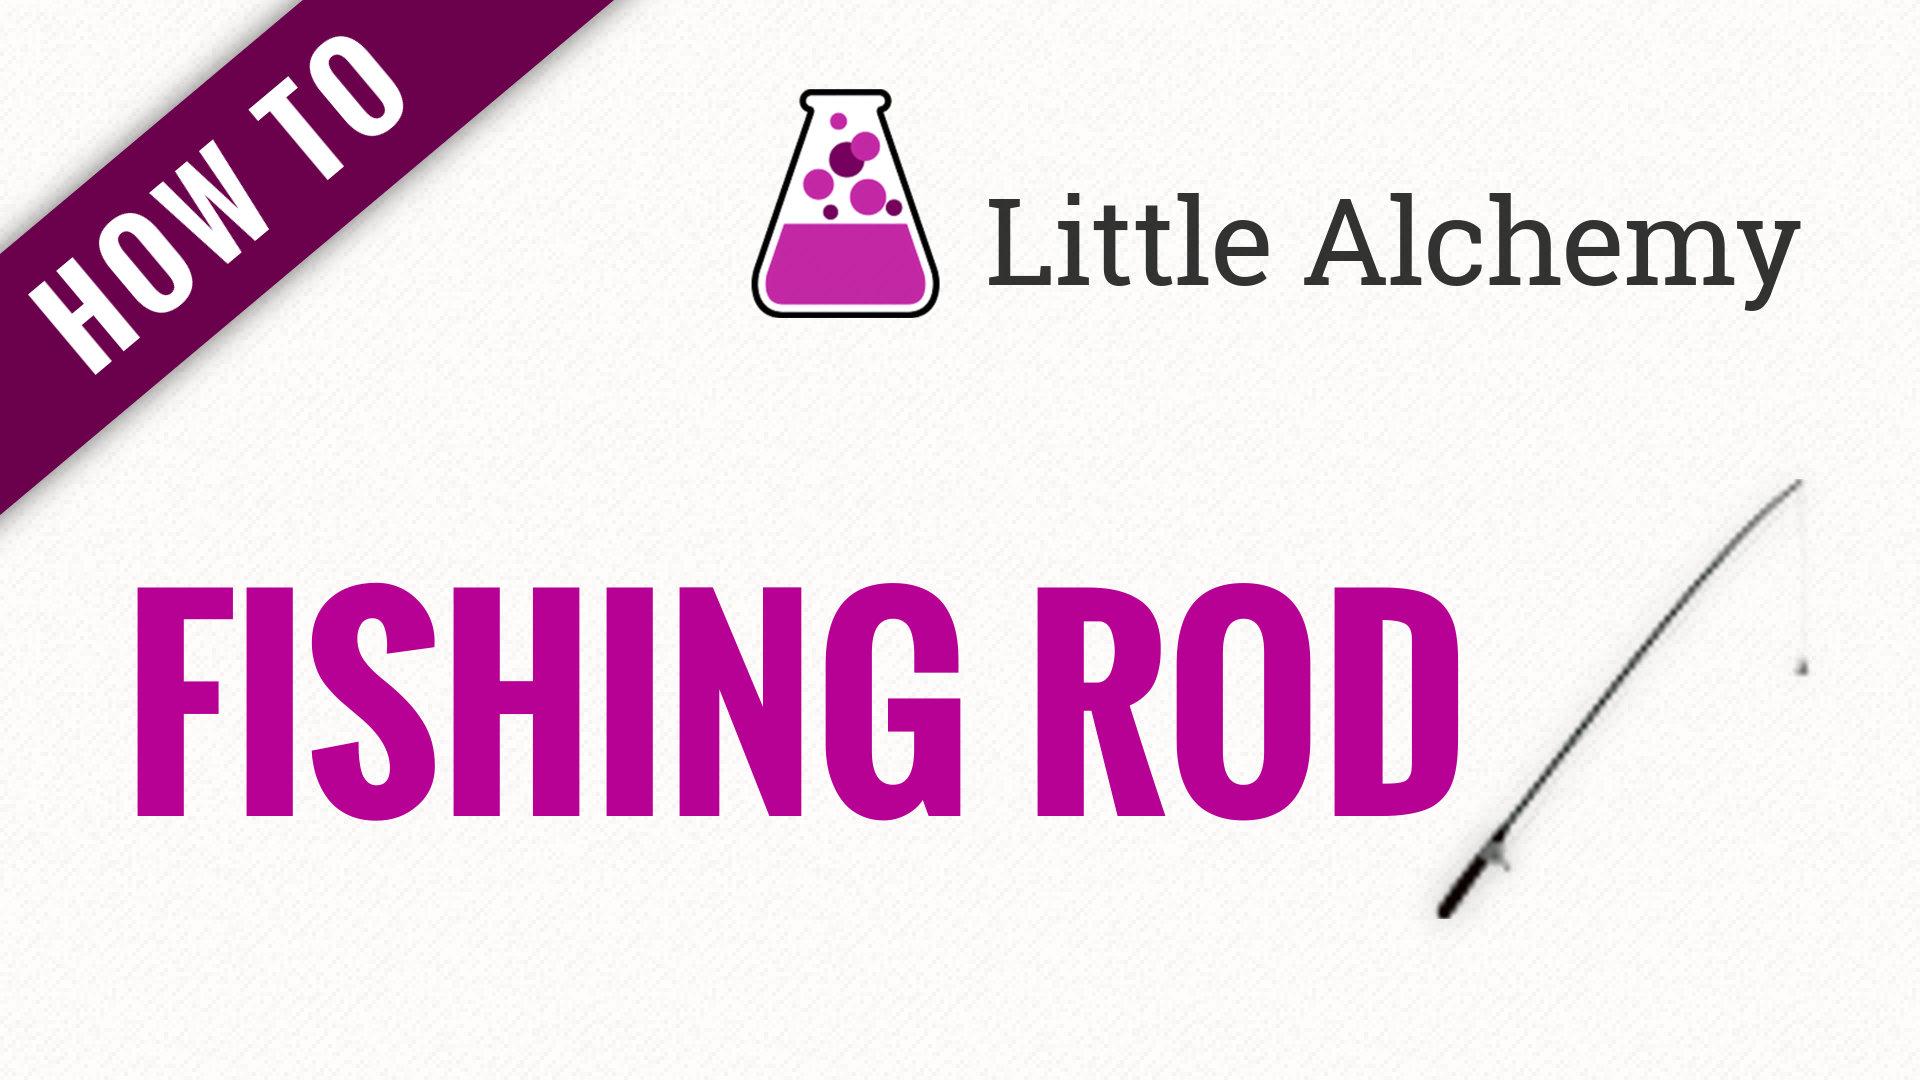 little alchemy fishing rod